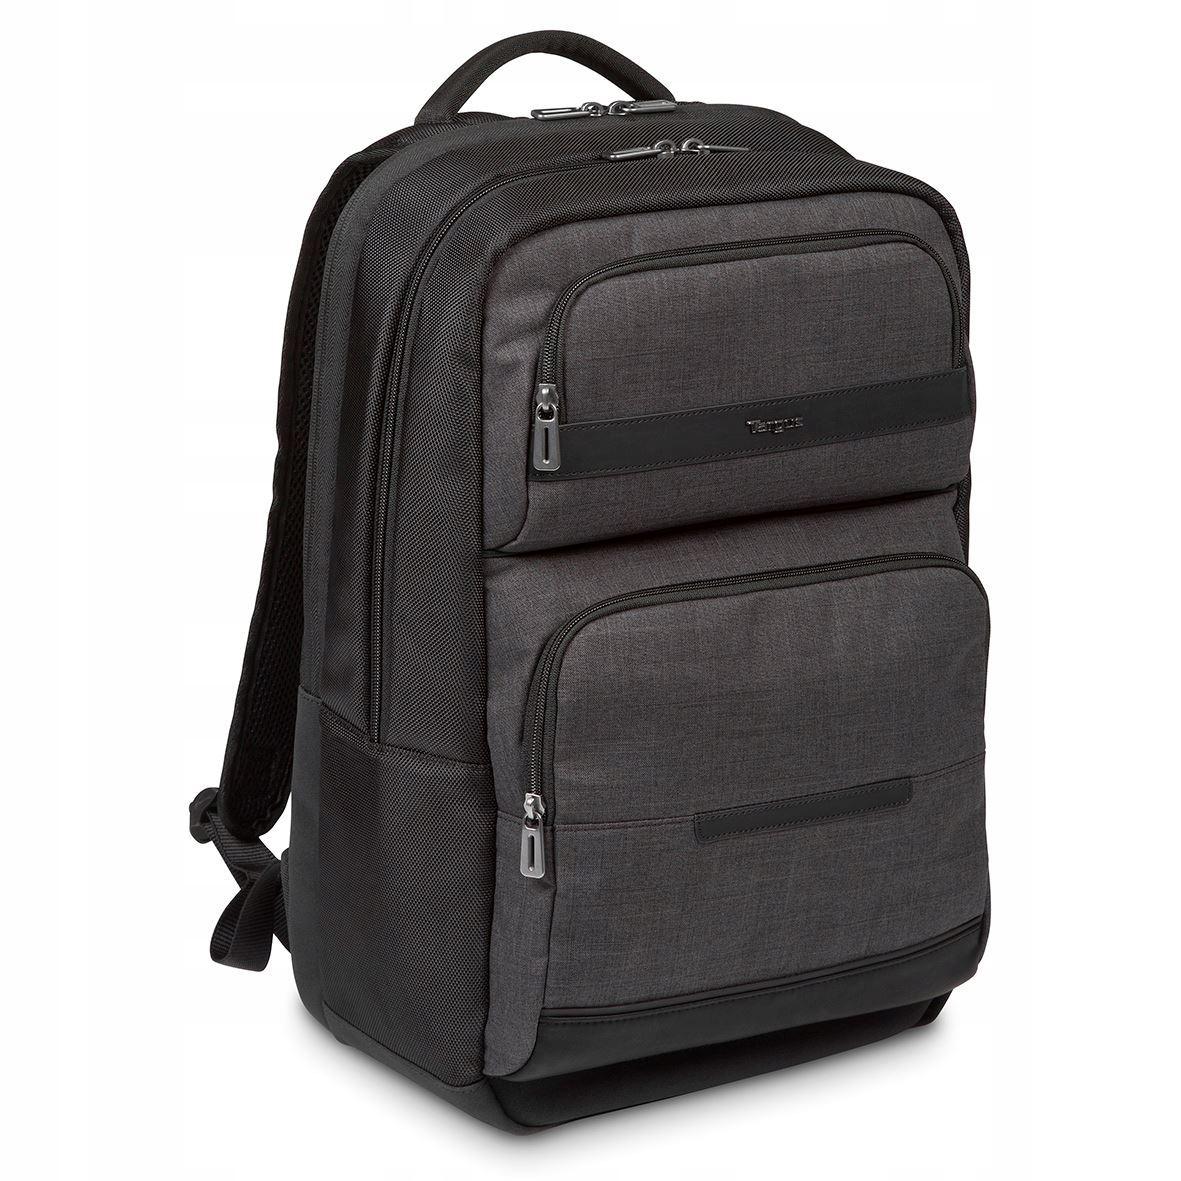 528fa3a8b1053 Plecak na laptopa Targus CitySmart Advanced TSB912 - 7655852678 ...